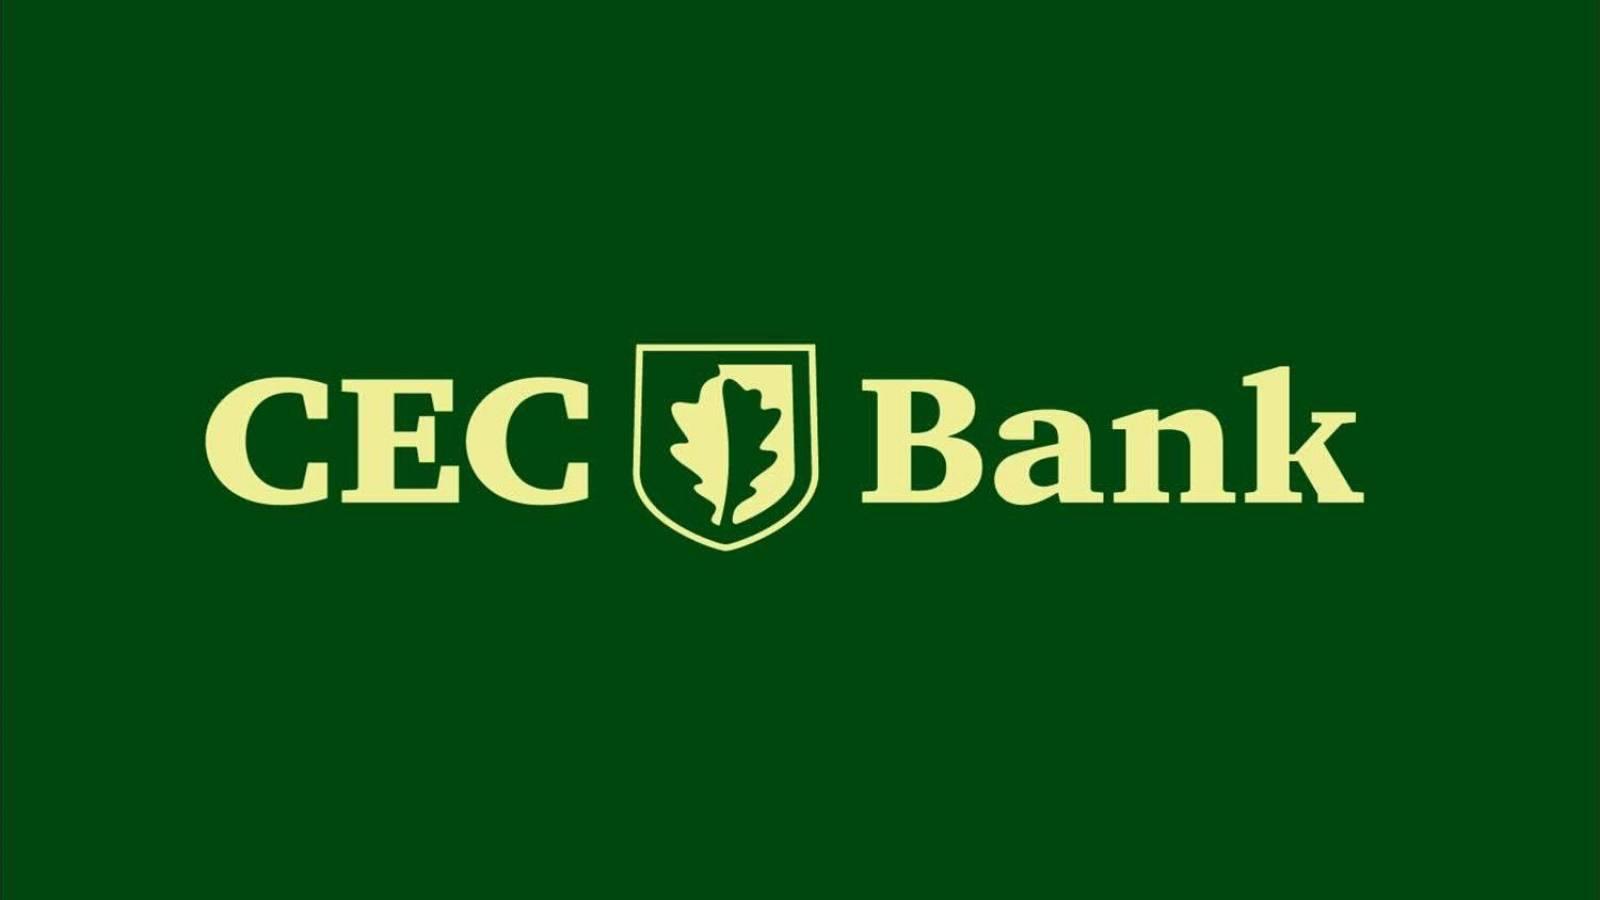 cec bank mobilitate